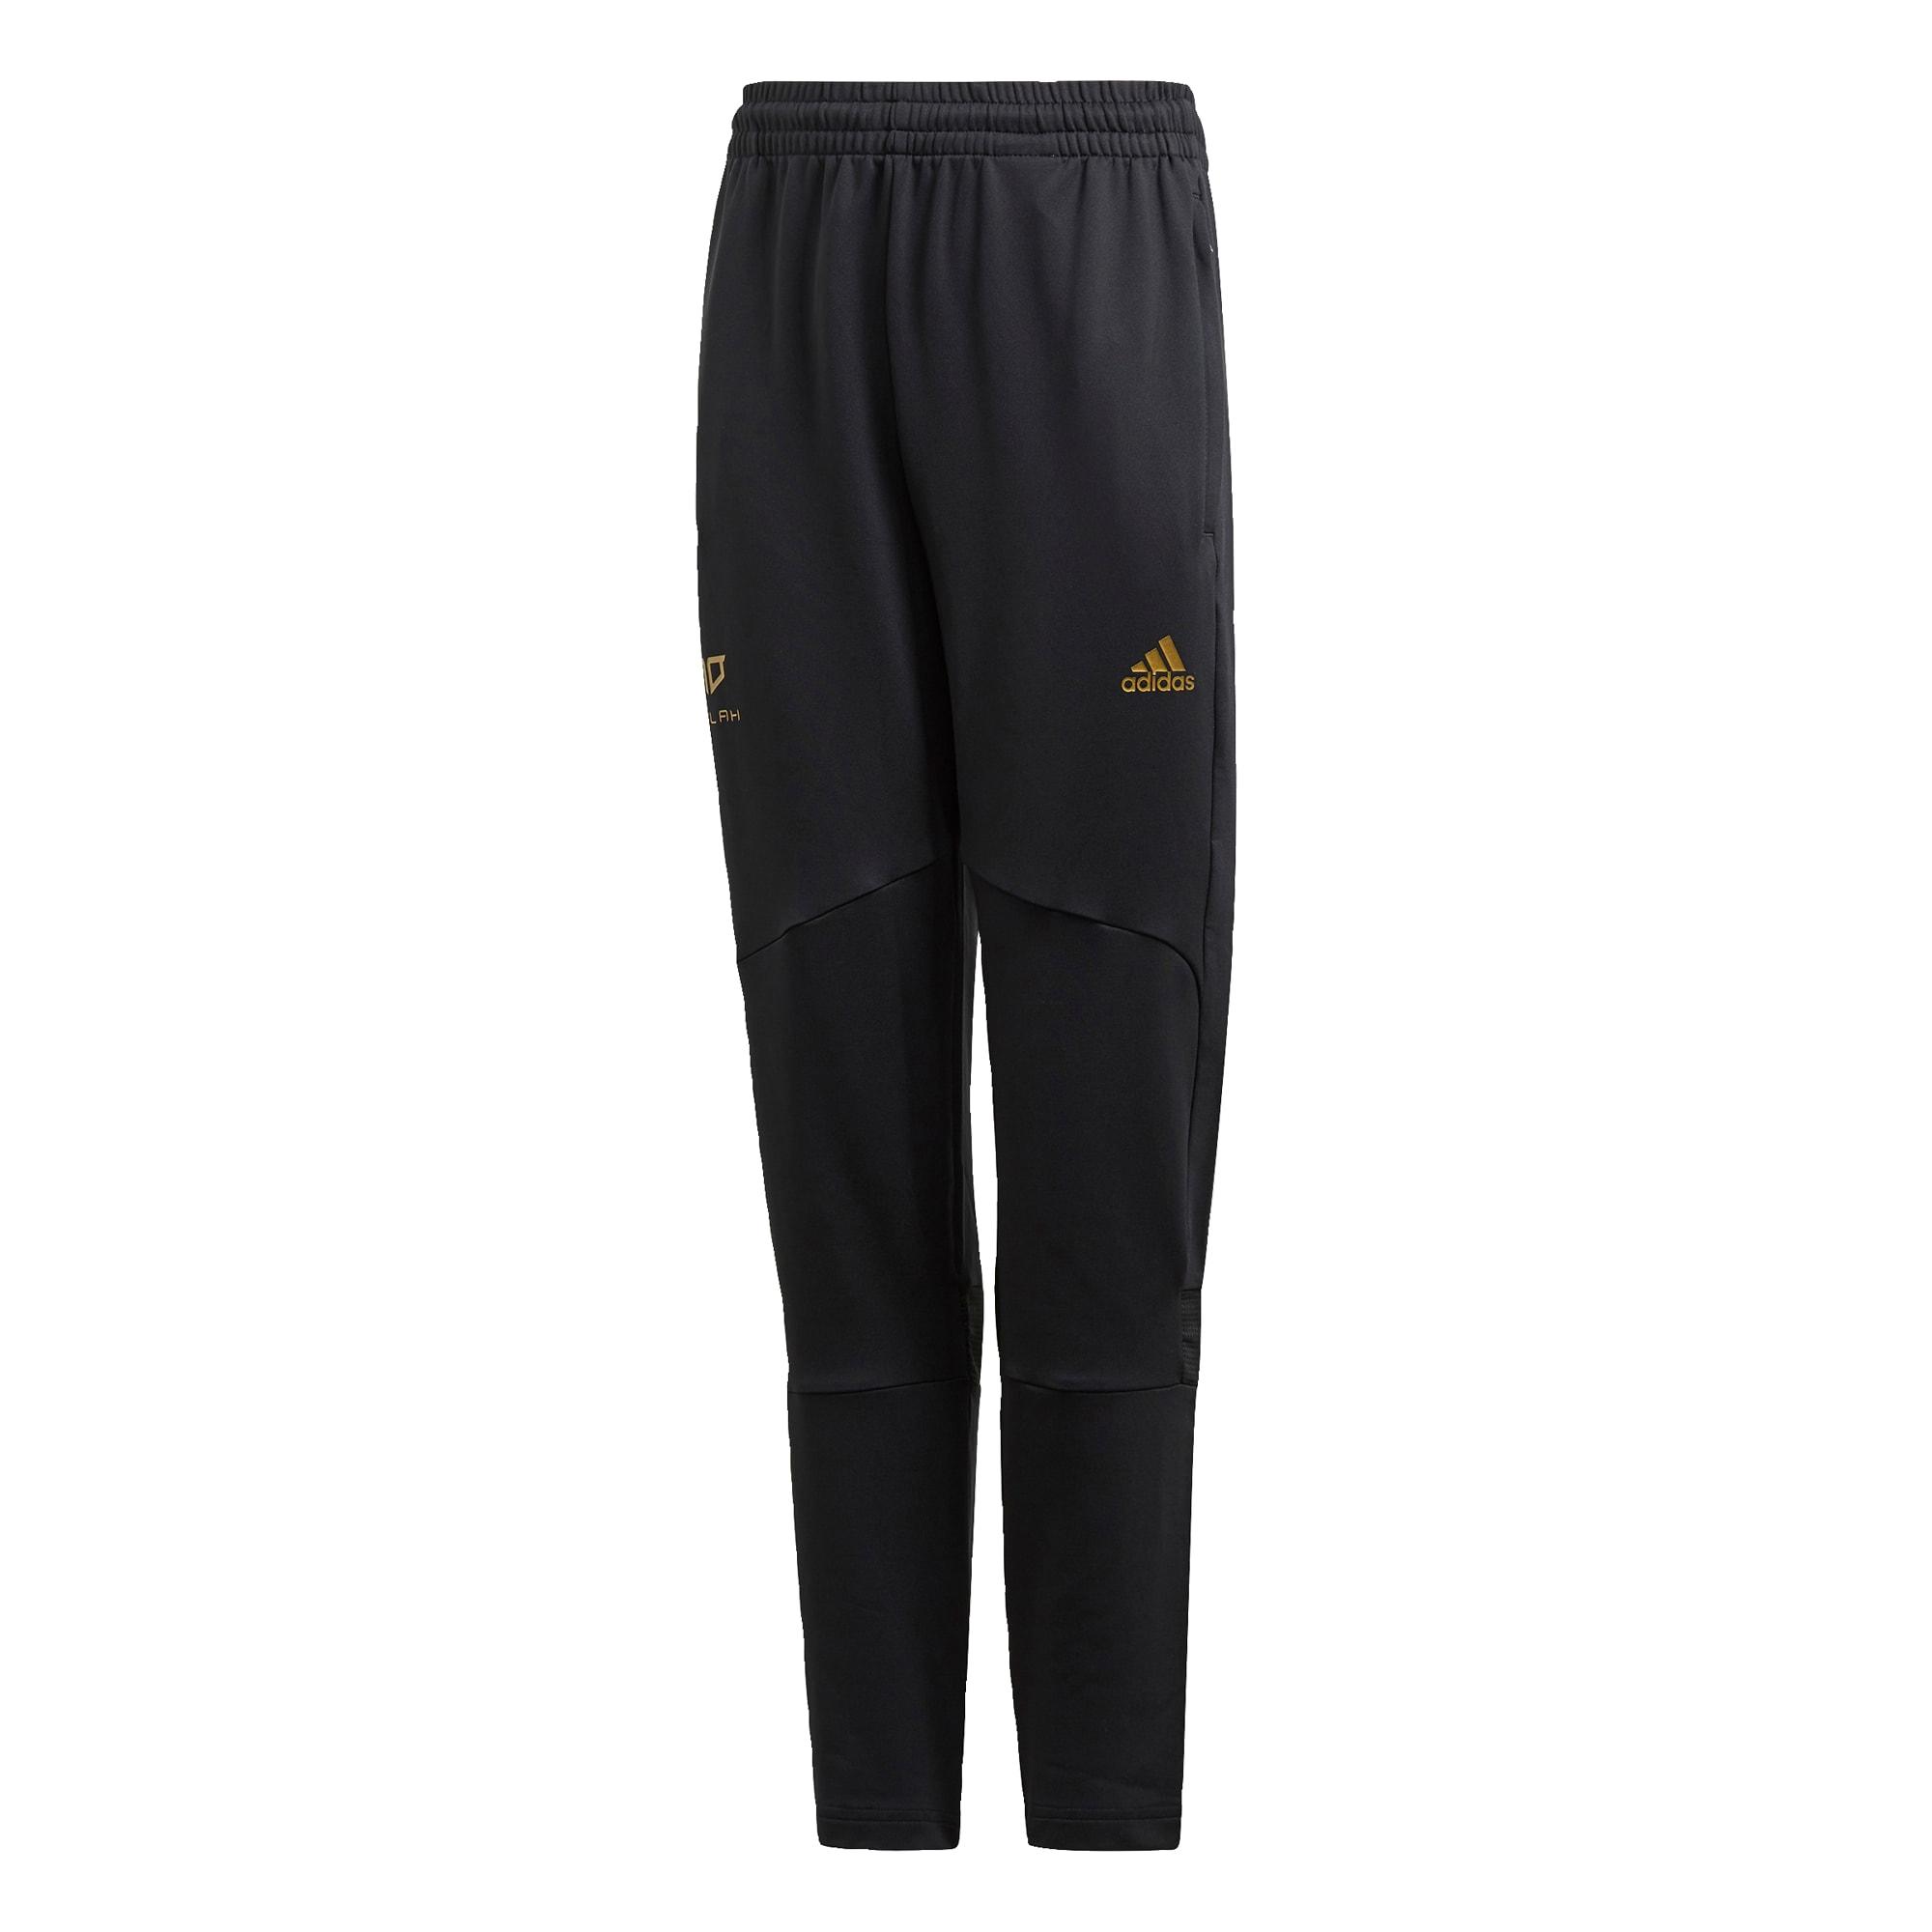 ADIDAS PERFORMANCE Sportinės kelnės juoda / aukso geltonumo spalva